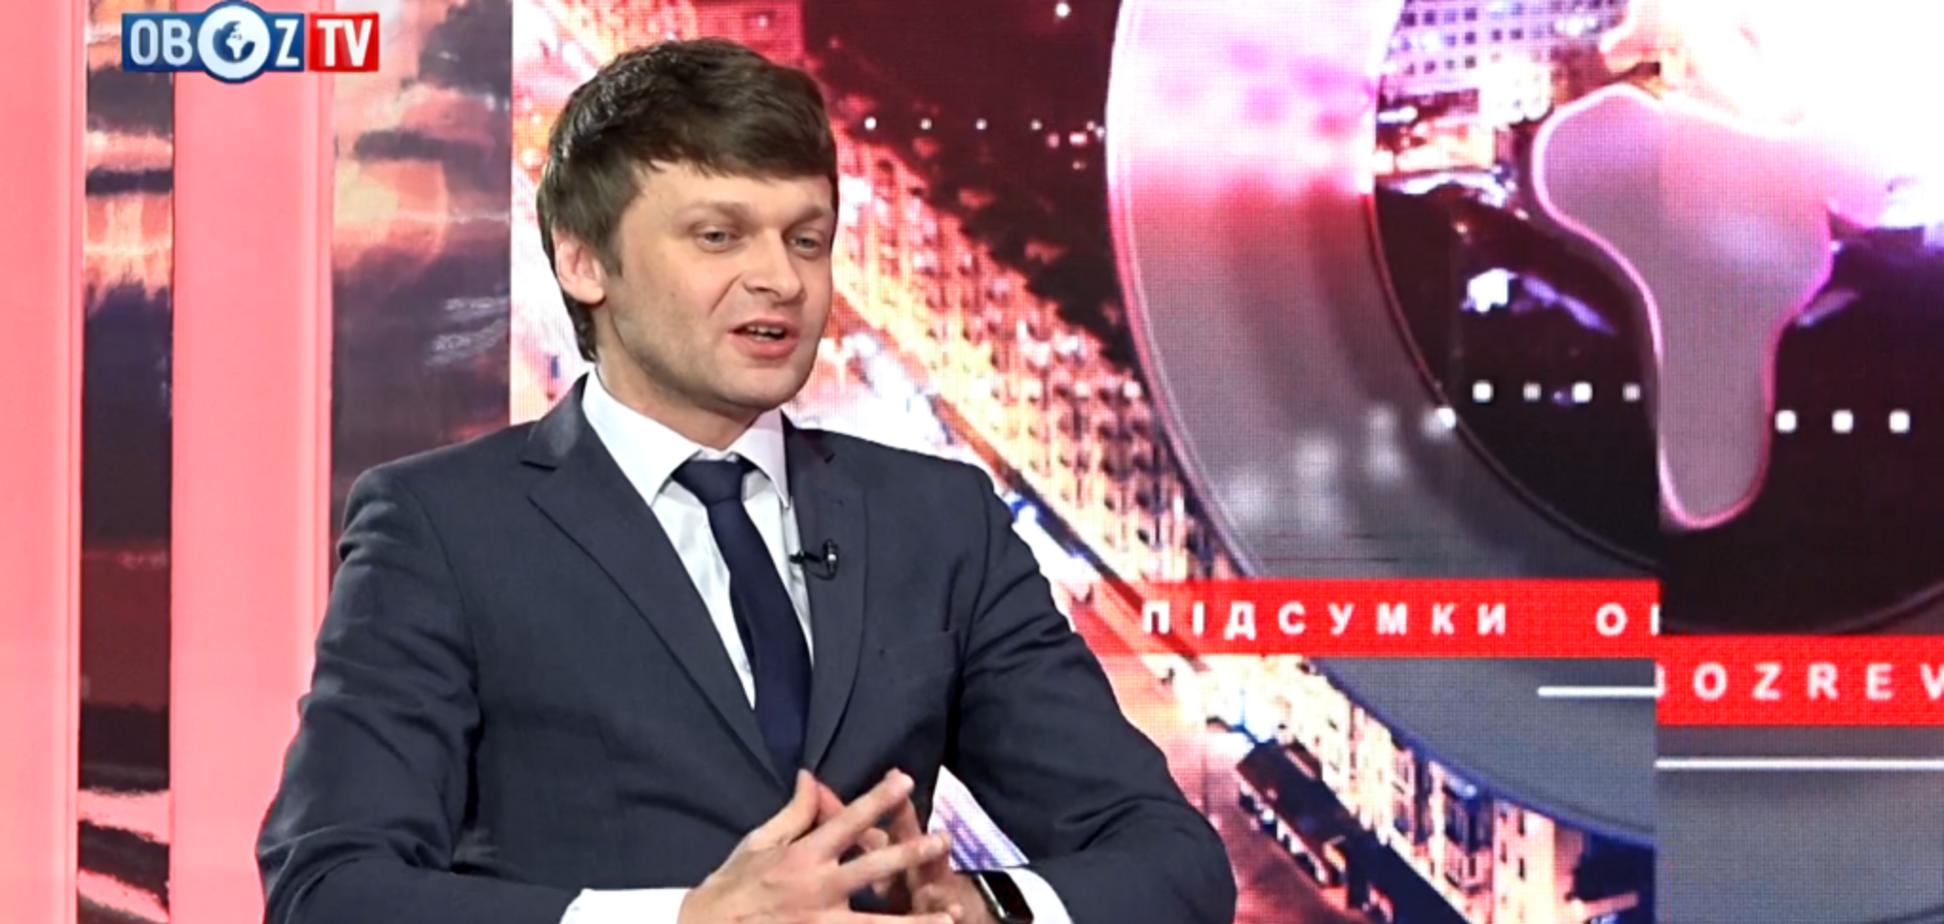 ''Так склалось'': чиновник закликав не шукати політики у звільненні Савченко і Рубана